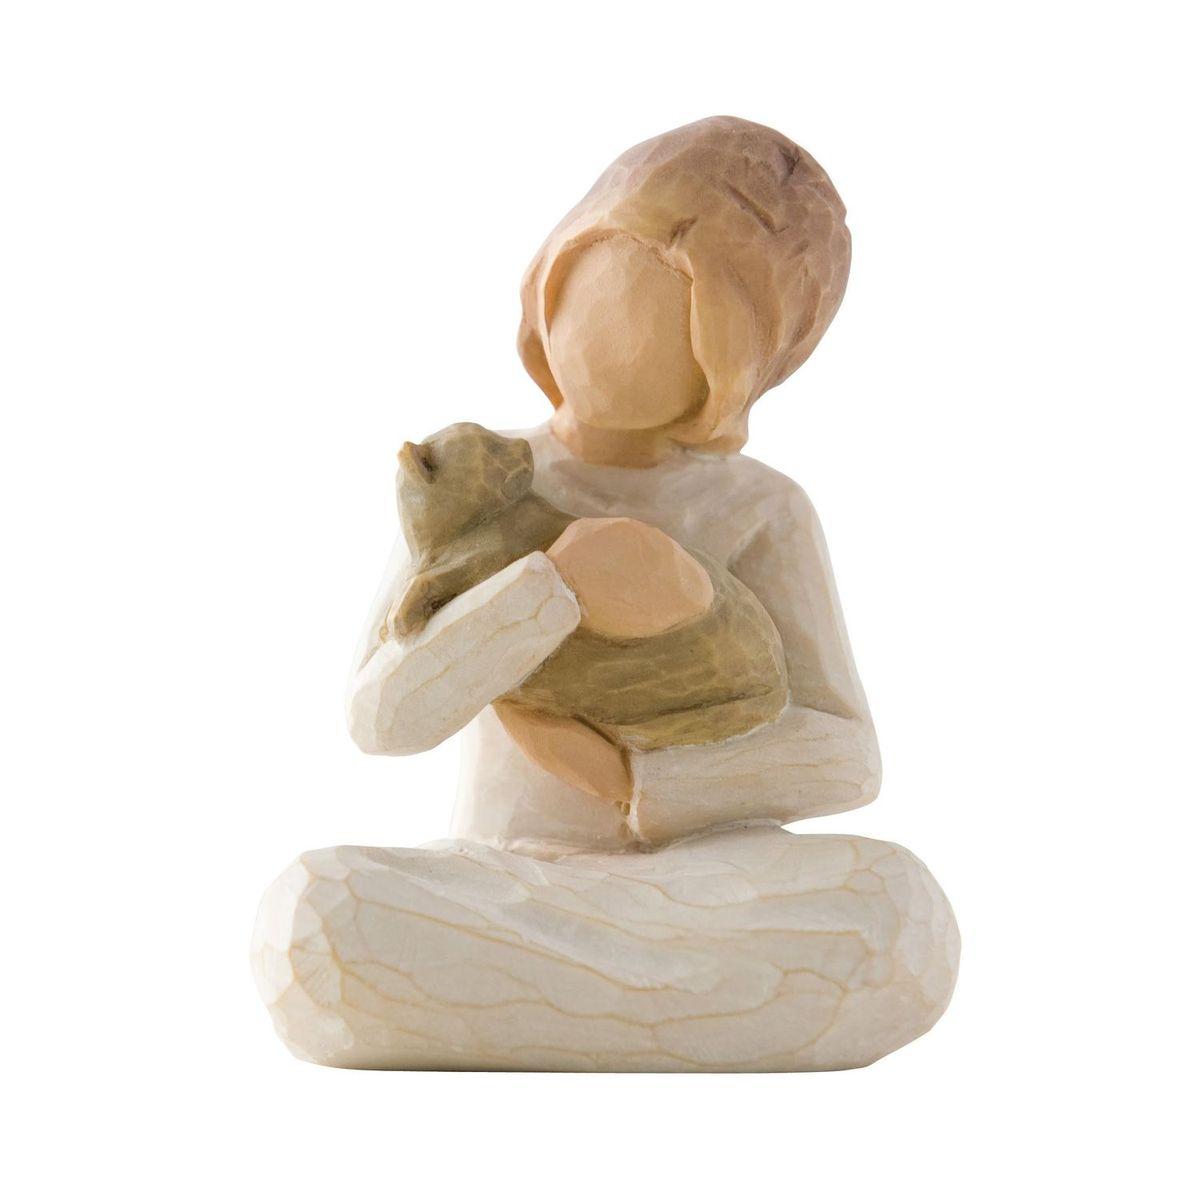 Фигурка Willow Tree Доброта, девочка, 7,5 см26218Эти прекрасные статуэтки созданы канадским скульптором Сьюзан Лорди. Каждая фигурка – это настоящее произведение искусства, образная скульптура в миниатюре, изображающая эмоции и чувства, которые помогают нам чувствовать себя ближе к другим, верить в мечту, выражать любовь. Каждая фигурка помещена в красивую упаковку. Купить такой оригинальный подарок, значит не только украсить интерьер помещения или жилой комнаты, но выразить свое глубокое отношение к любимому человеку. Этот прекрасный сувенир будет лучшим подарком на день ангела, именины, день рождения, юбилей. Материал: Искусственный камень (49% карбонат кальция мелкозернистой разновидности, 51% искусственный камень)